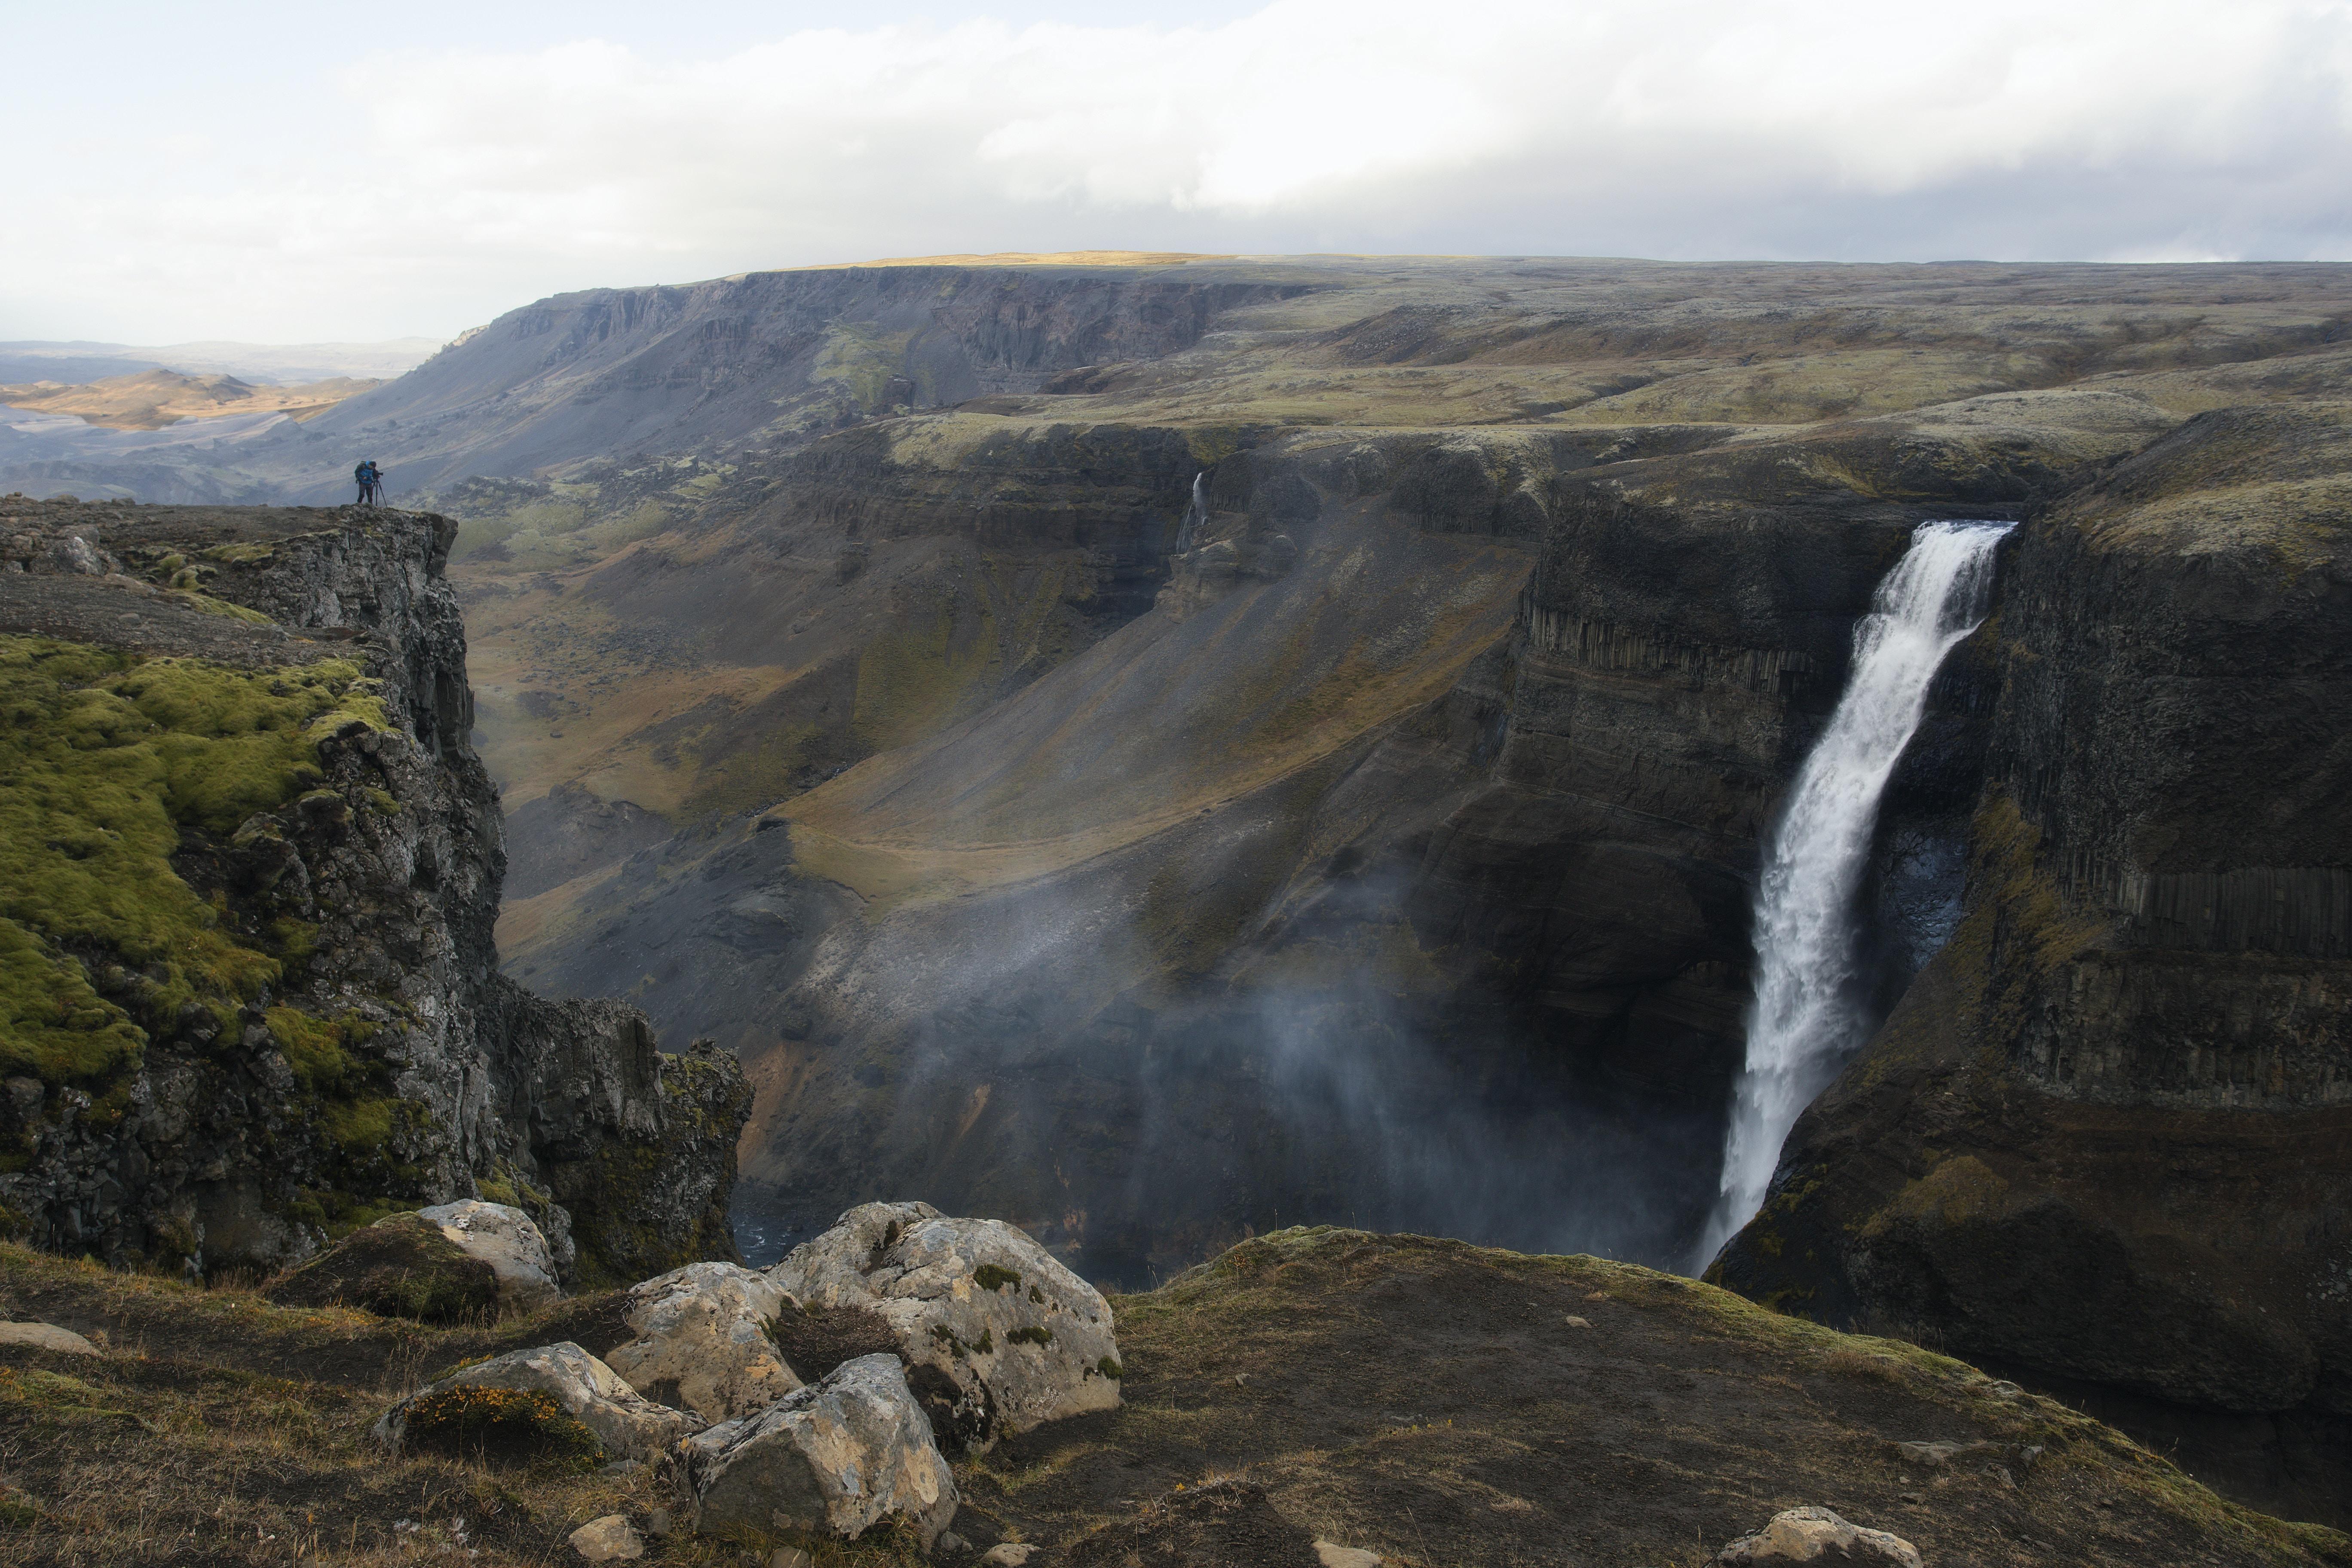 waterfalls on mountain under gray sky